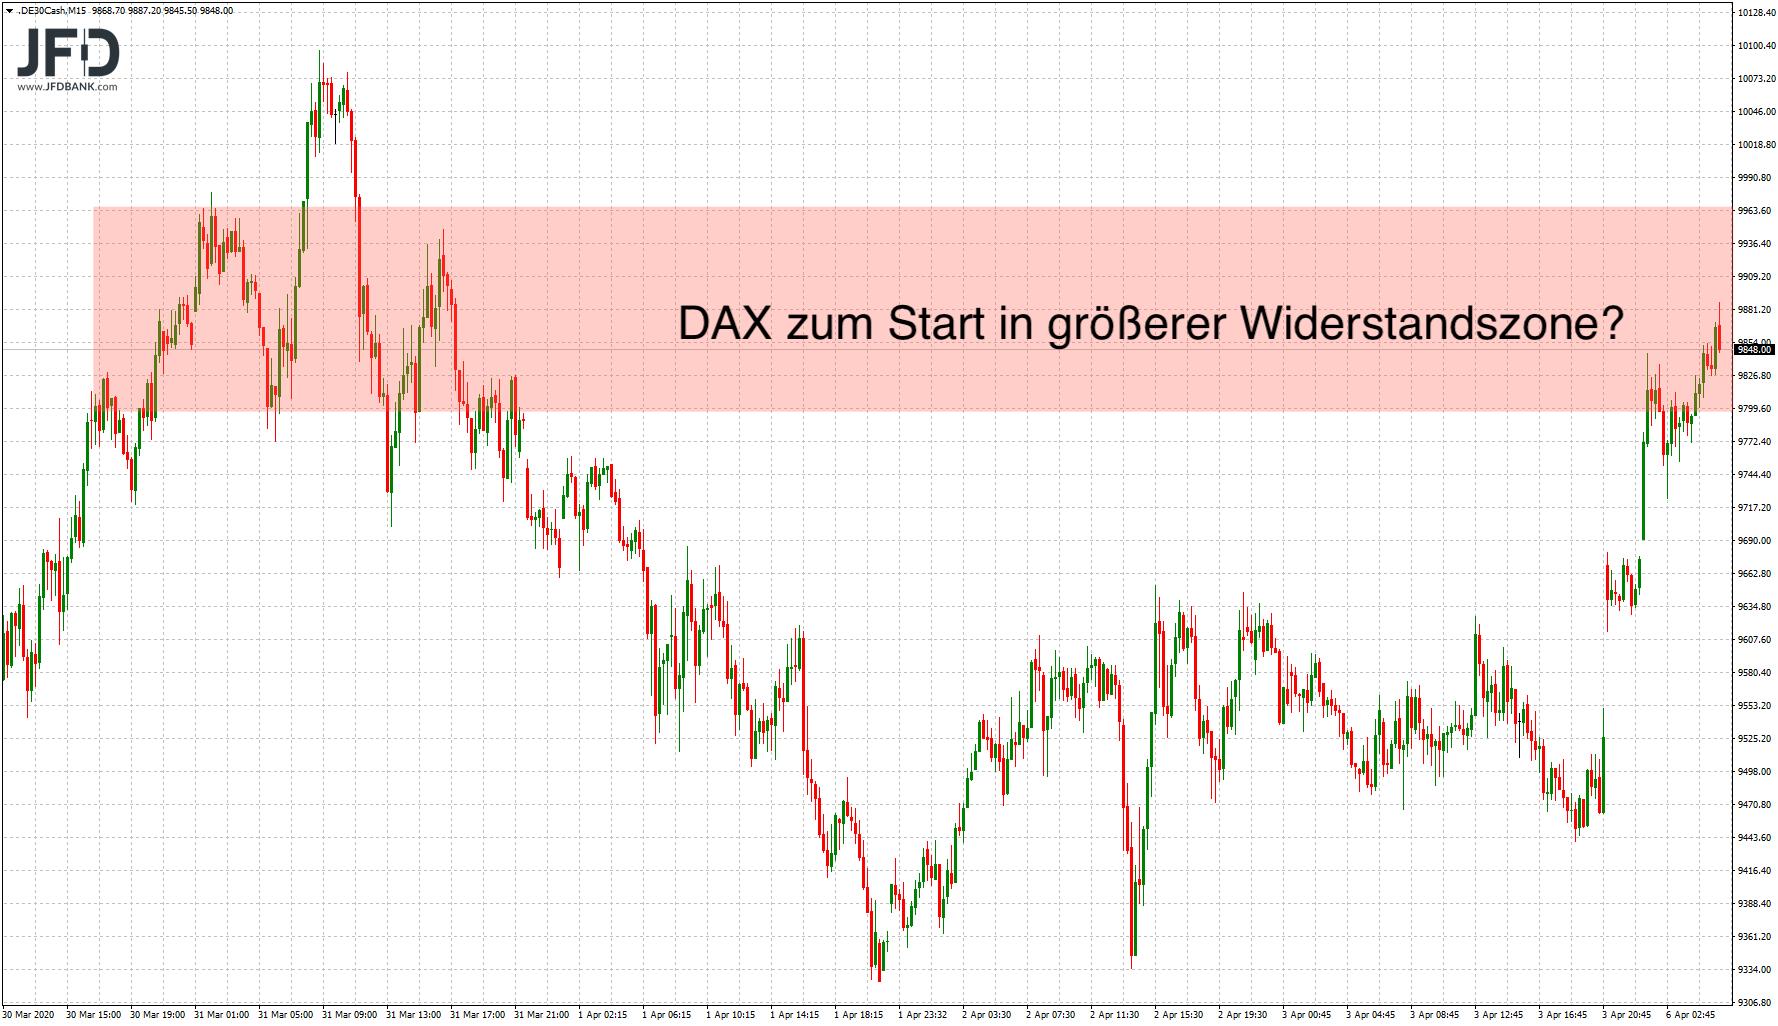 DAX-Widerstandszone am Morgen erreicht?